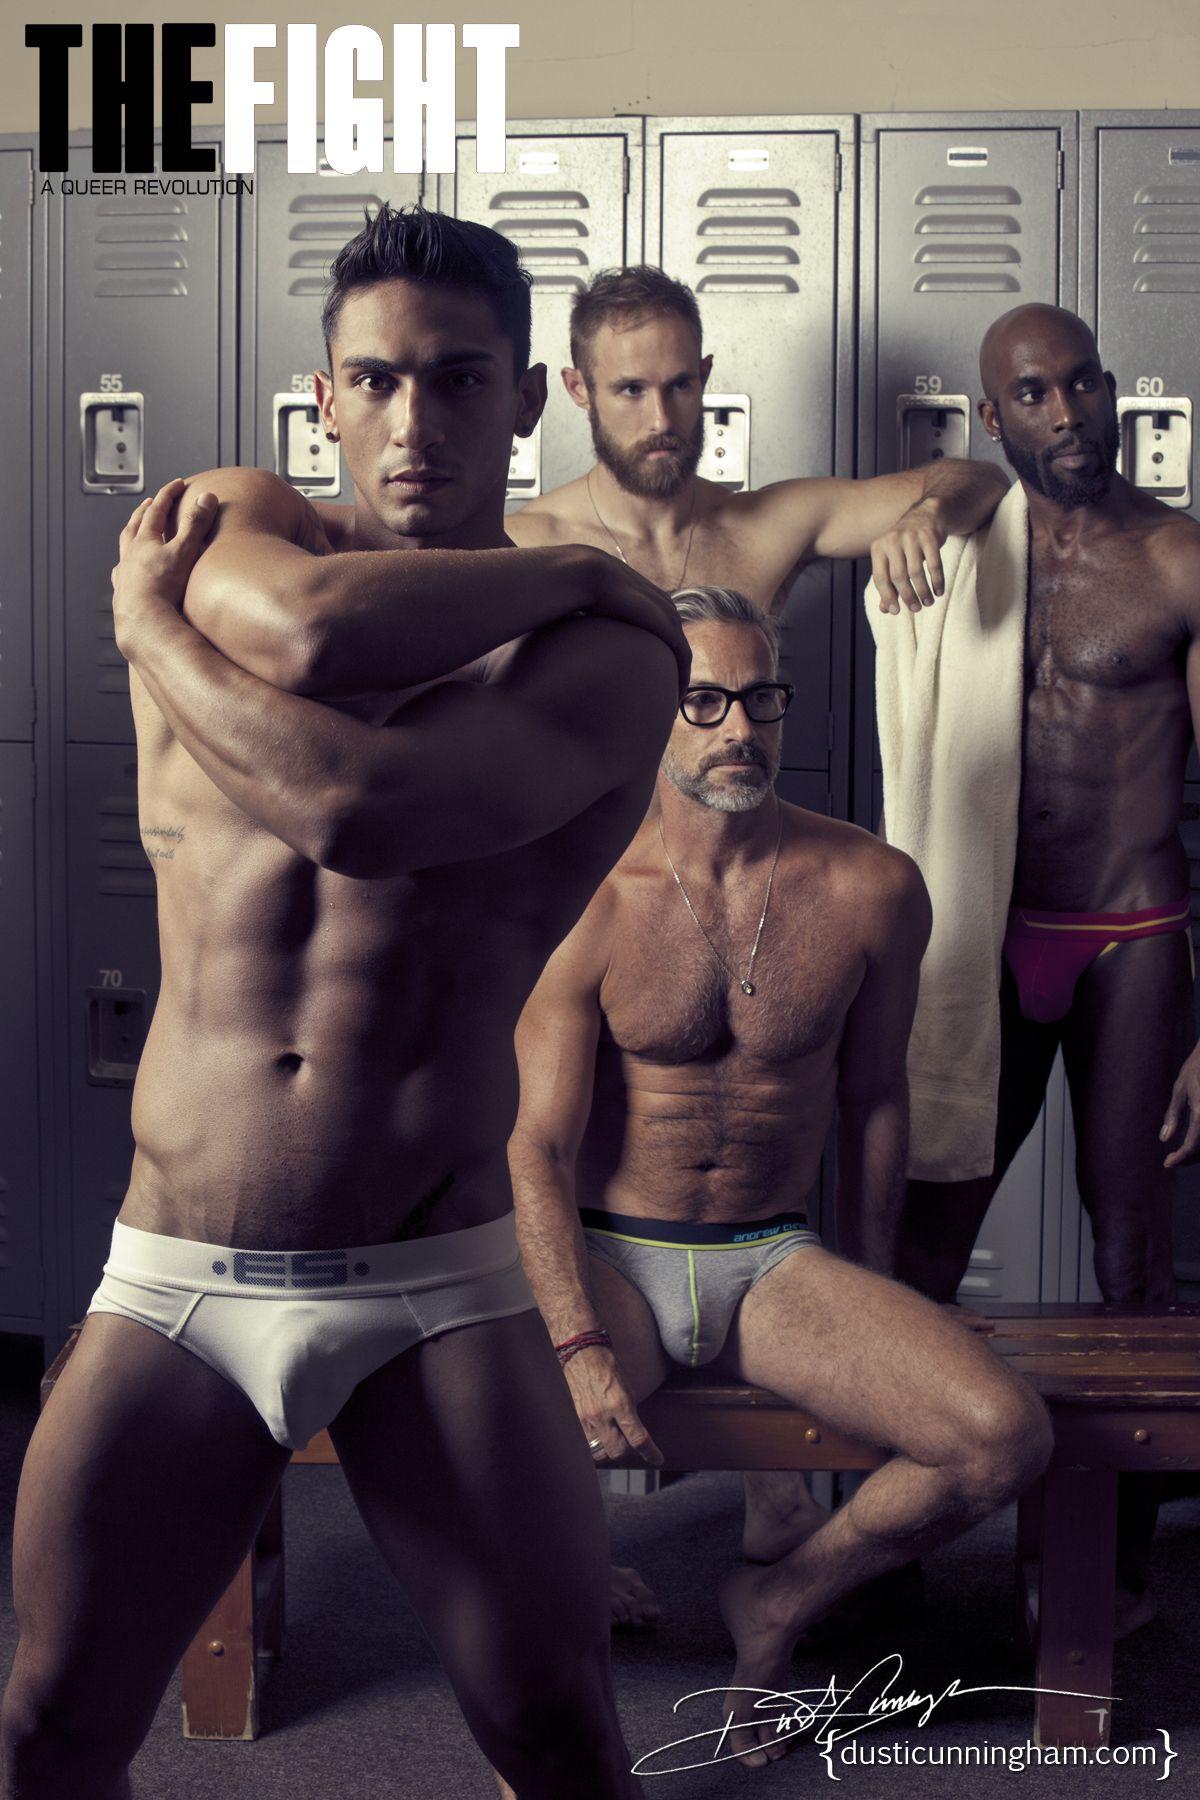 Boy4me Hombres Al Desnudo En Los Baños Para The Fight Magazine